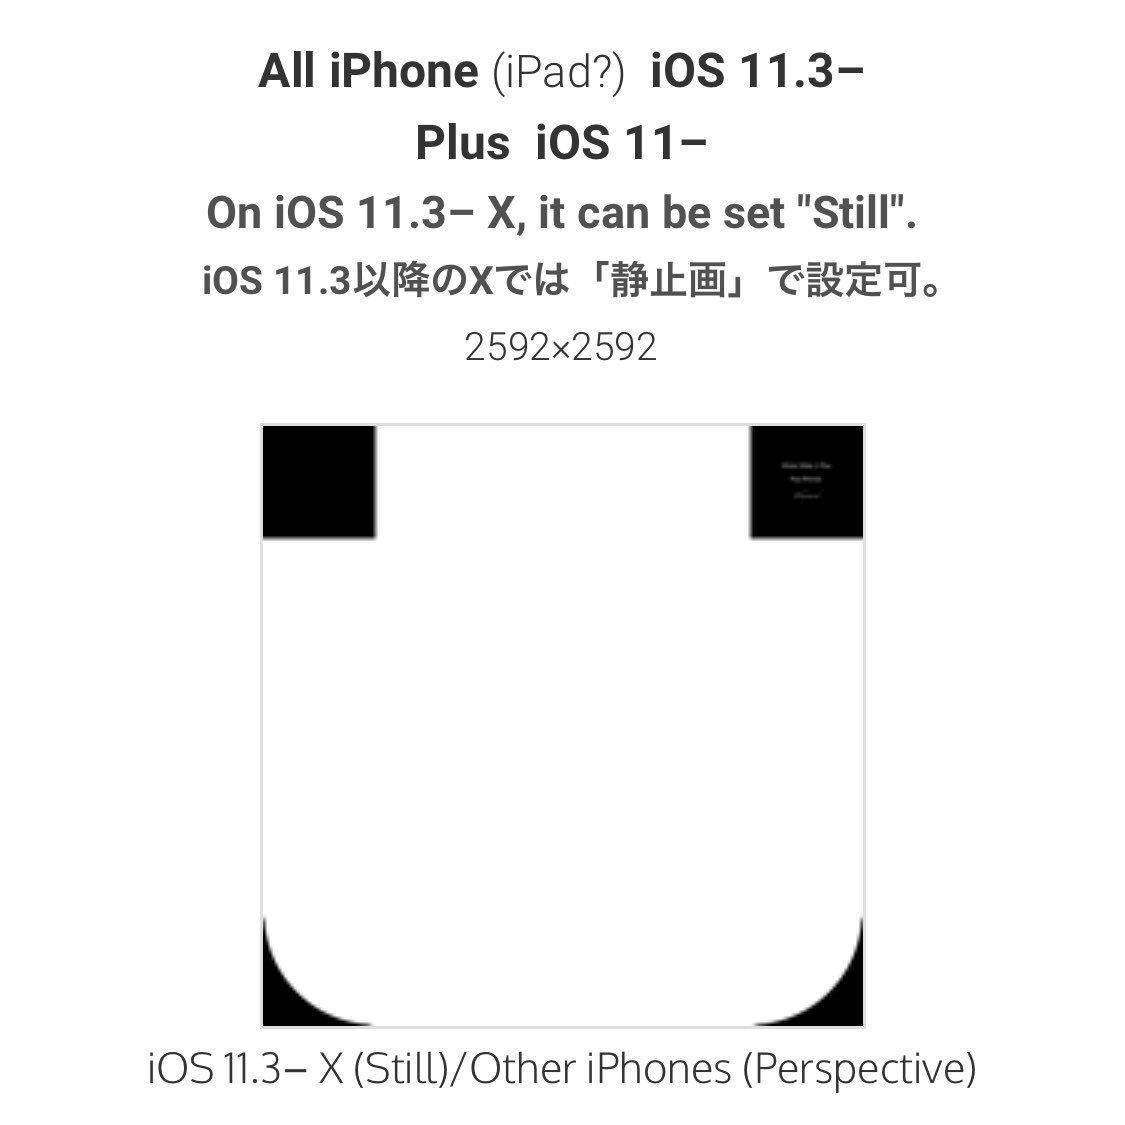 Hide Mysterious Iphone Wallpaper 不思議なiphone壁紙 V Twitter 8 7 6 Se 5 でも ドックとフォルダと背景が真っ白になる壁紙が再び完璧に 一番上に置いたフォルダの上部が黒くなることもなくなります 正方形タイプを 視差効果 で設定してください